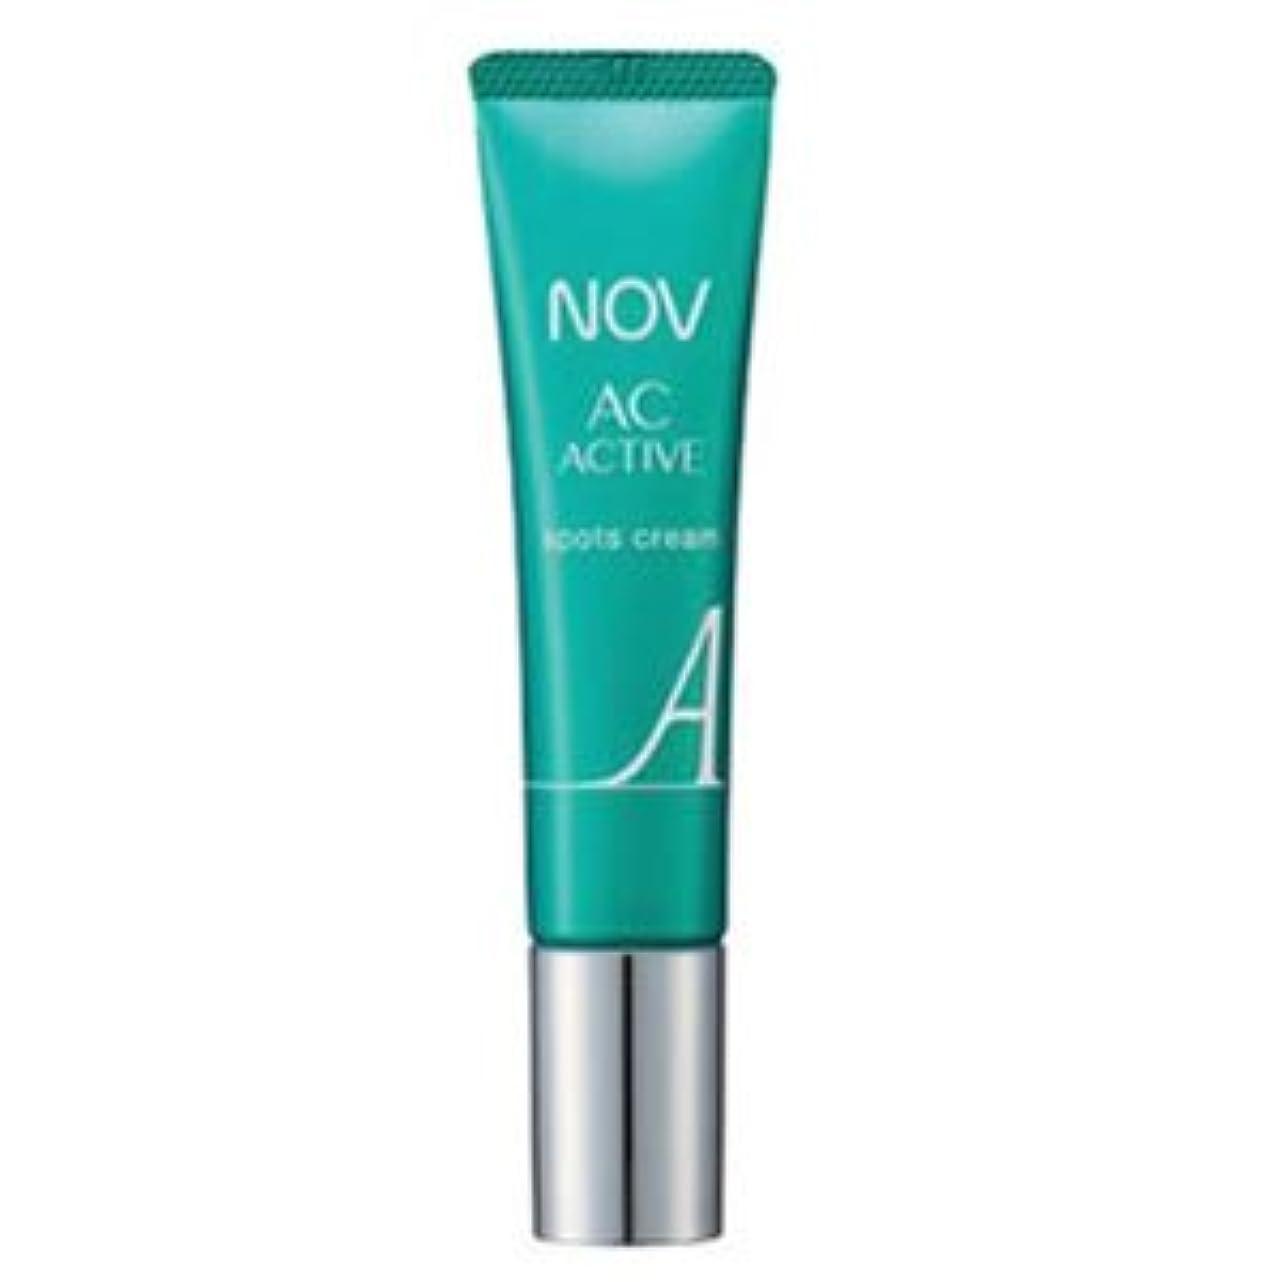 通常構造的丁寧NOV ノブ ACアクティブ スポッツクリーム n 10g 医薬部外品